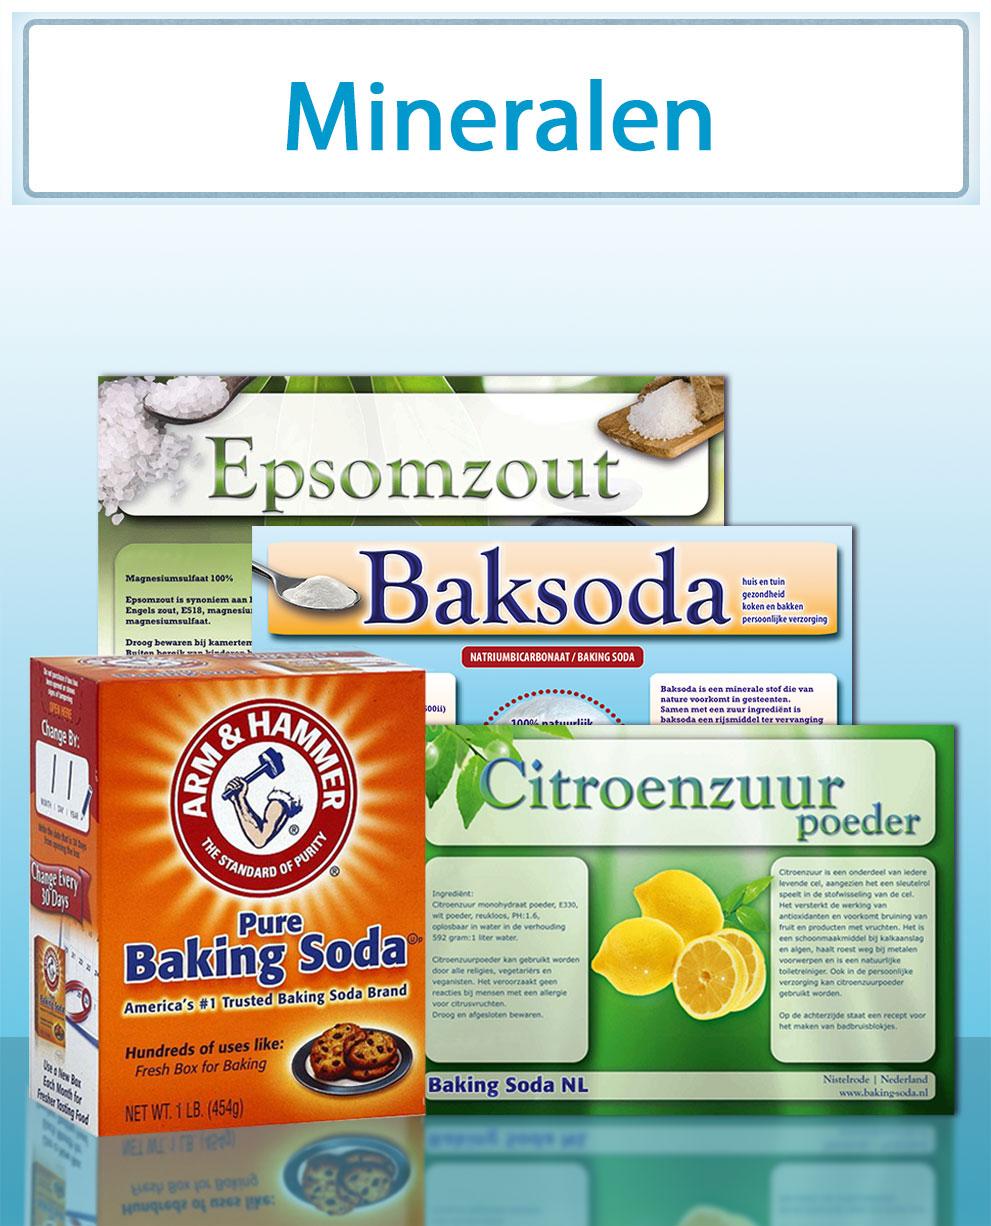 Categorie-03-Mineralen-bakingsoda-nl